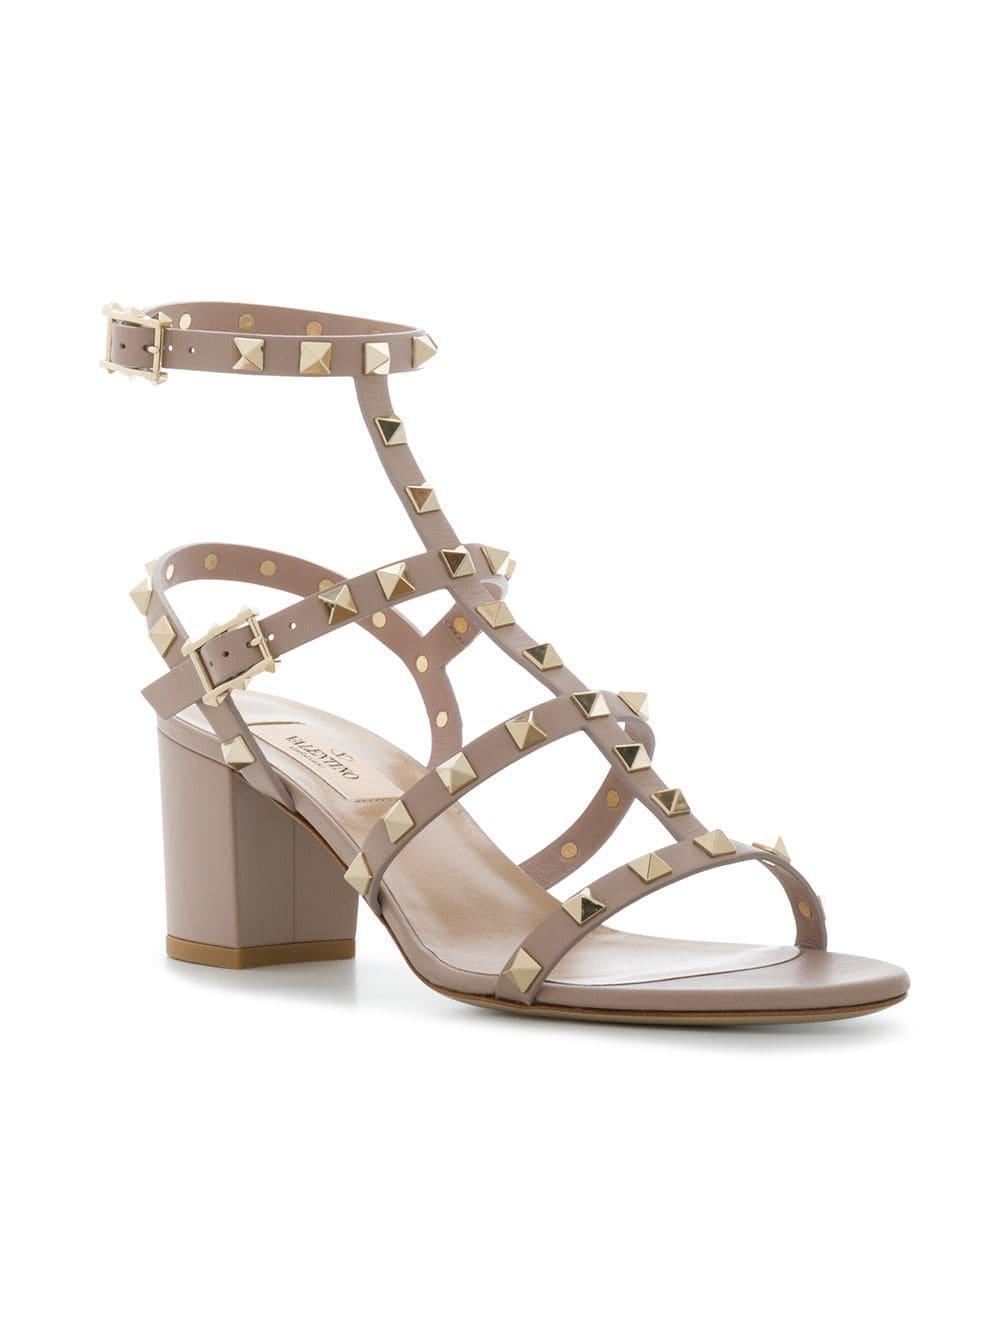 1840d8a74c0b Valentino - Metallic Garavani Rockstud Sandals - Lyst. View fullscreen